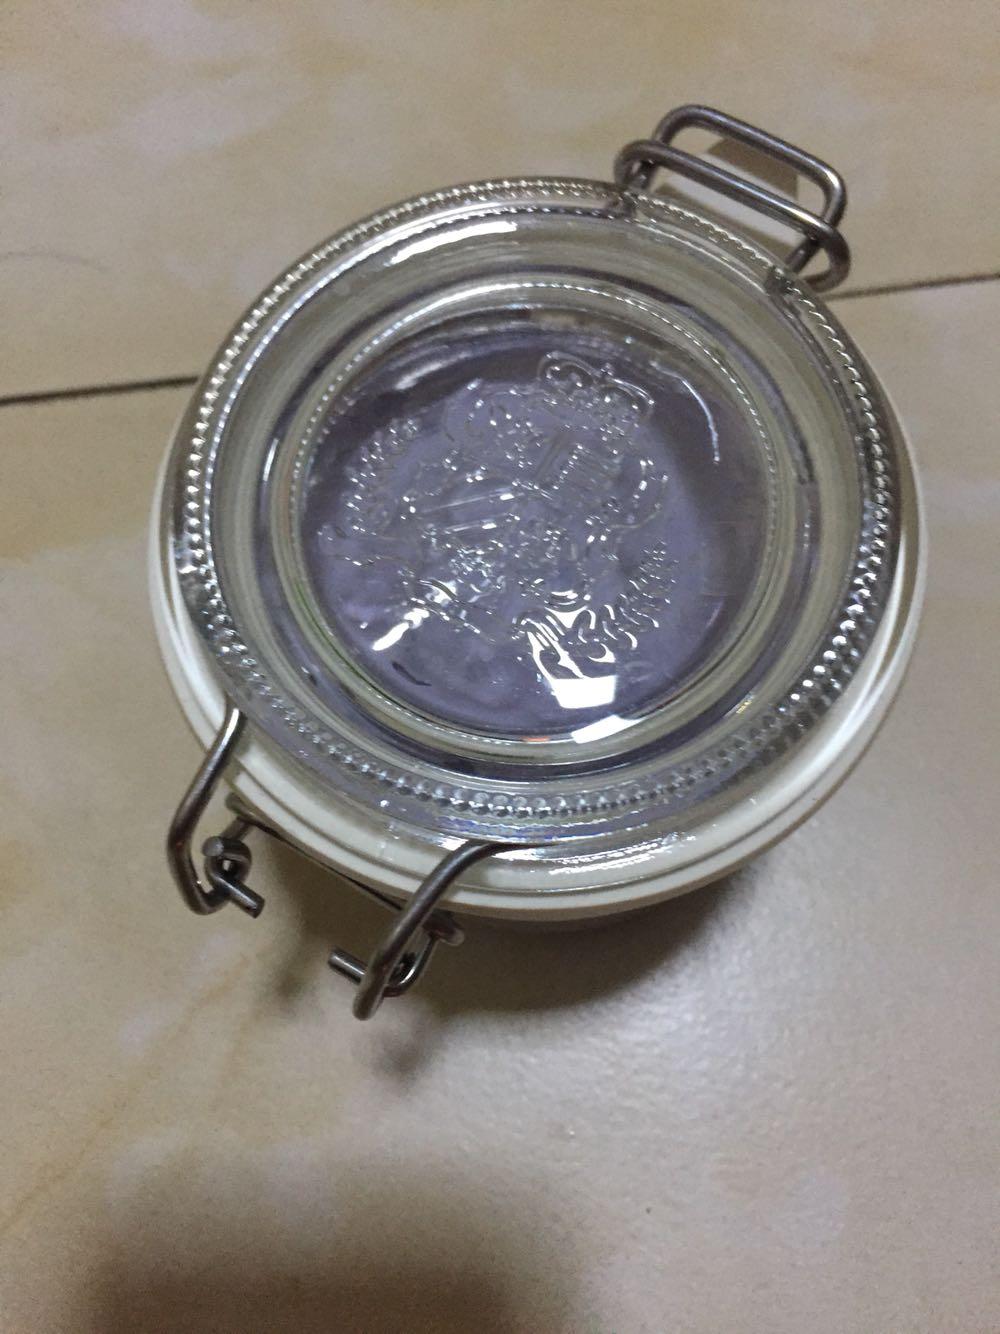 chrome hearts bracelet ebay uk my summary auction sites 00274744 wholesale